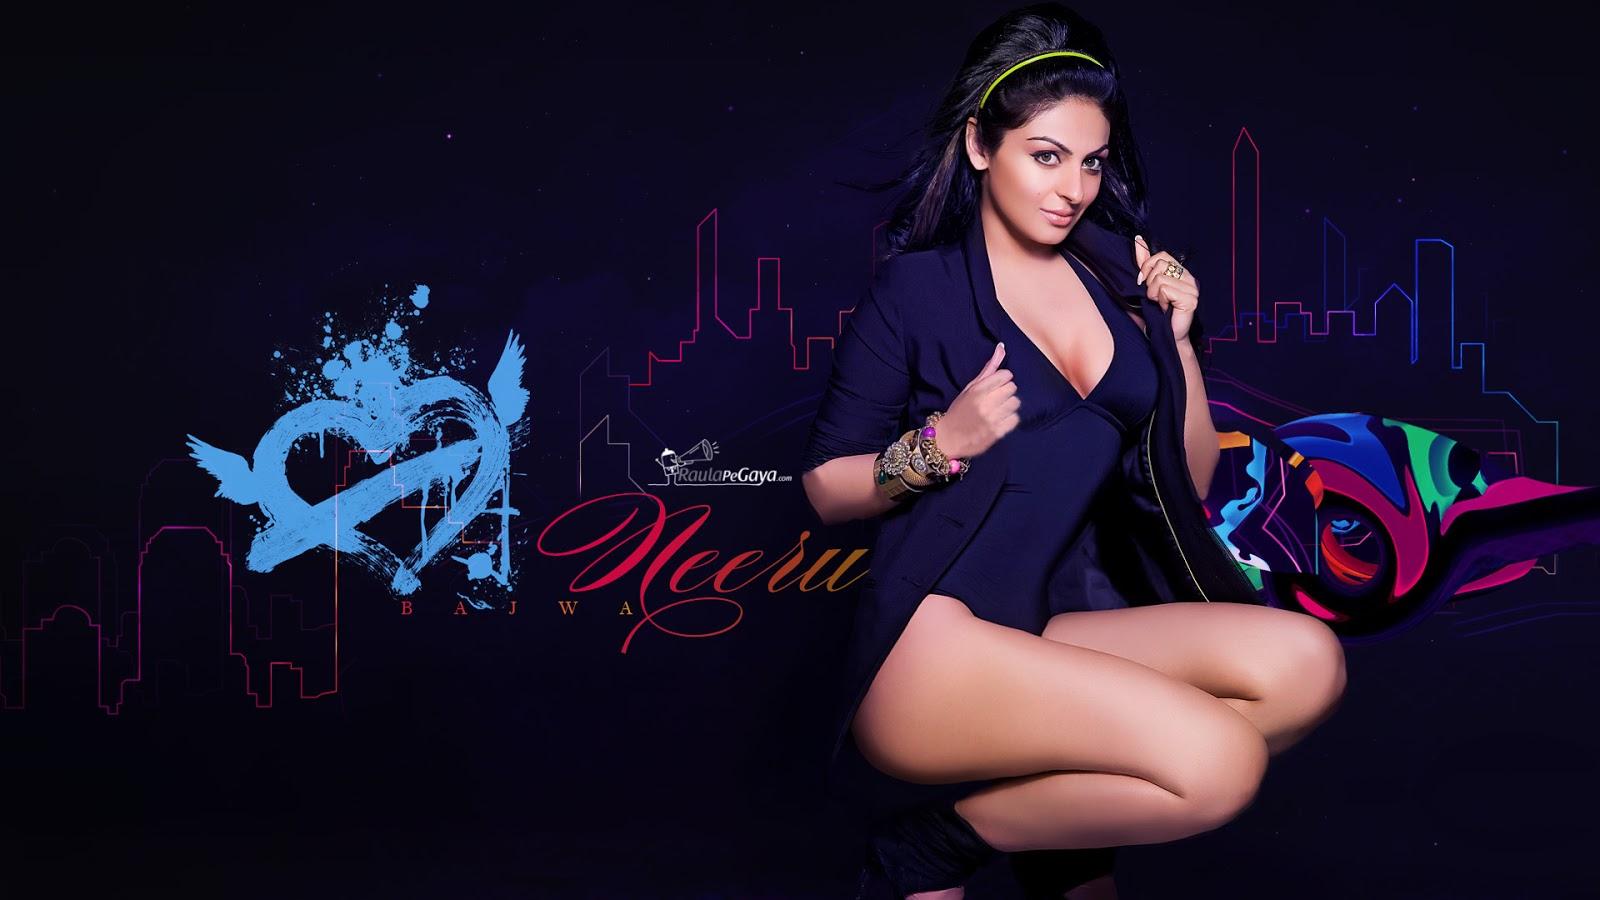 kashmira shah neeru bajwa hot desktop wallpapers